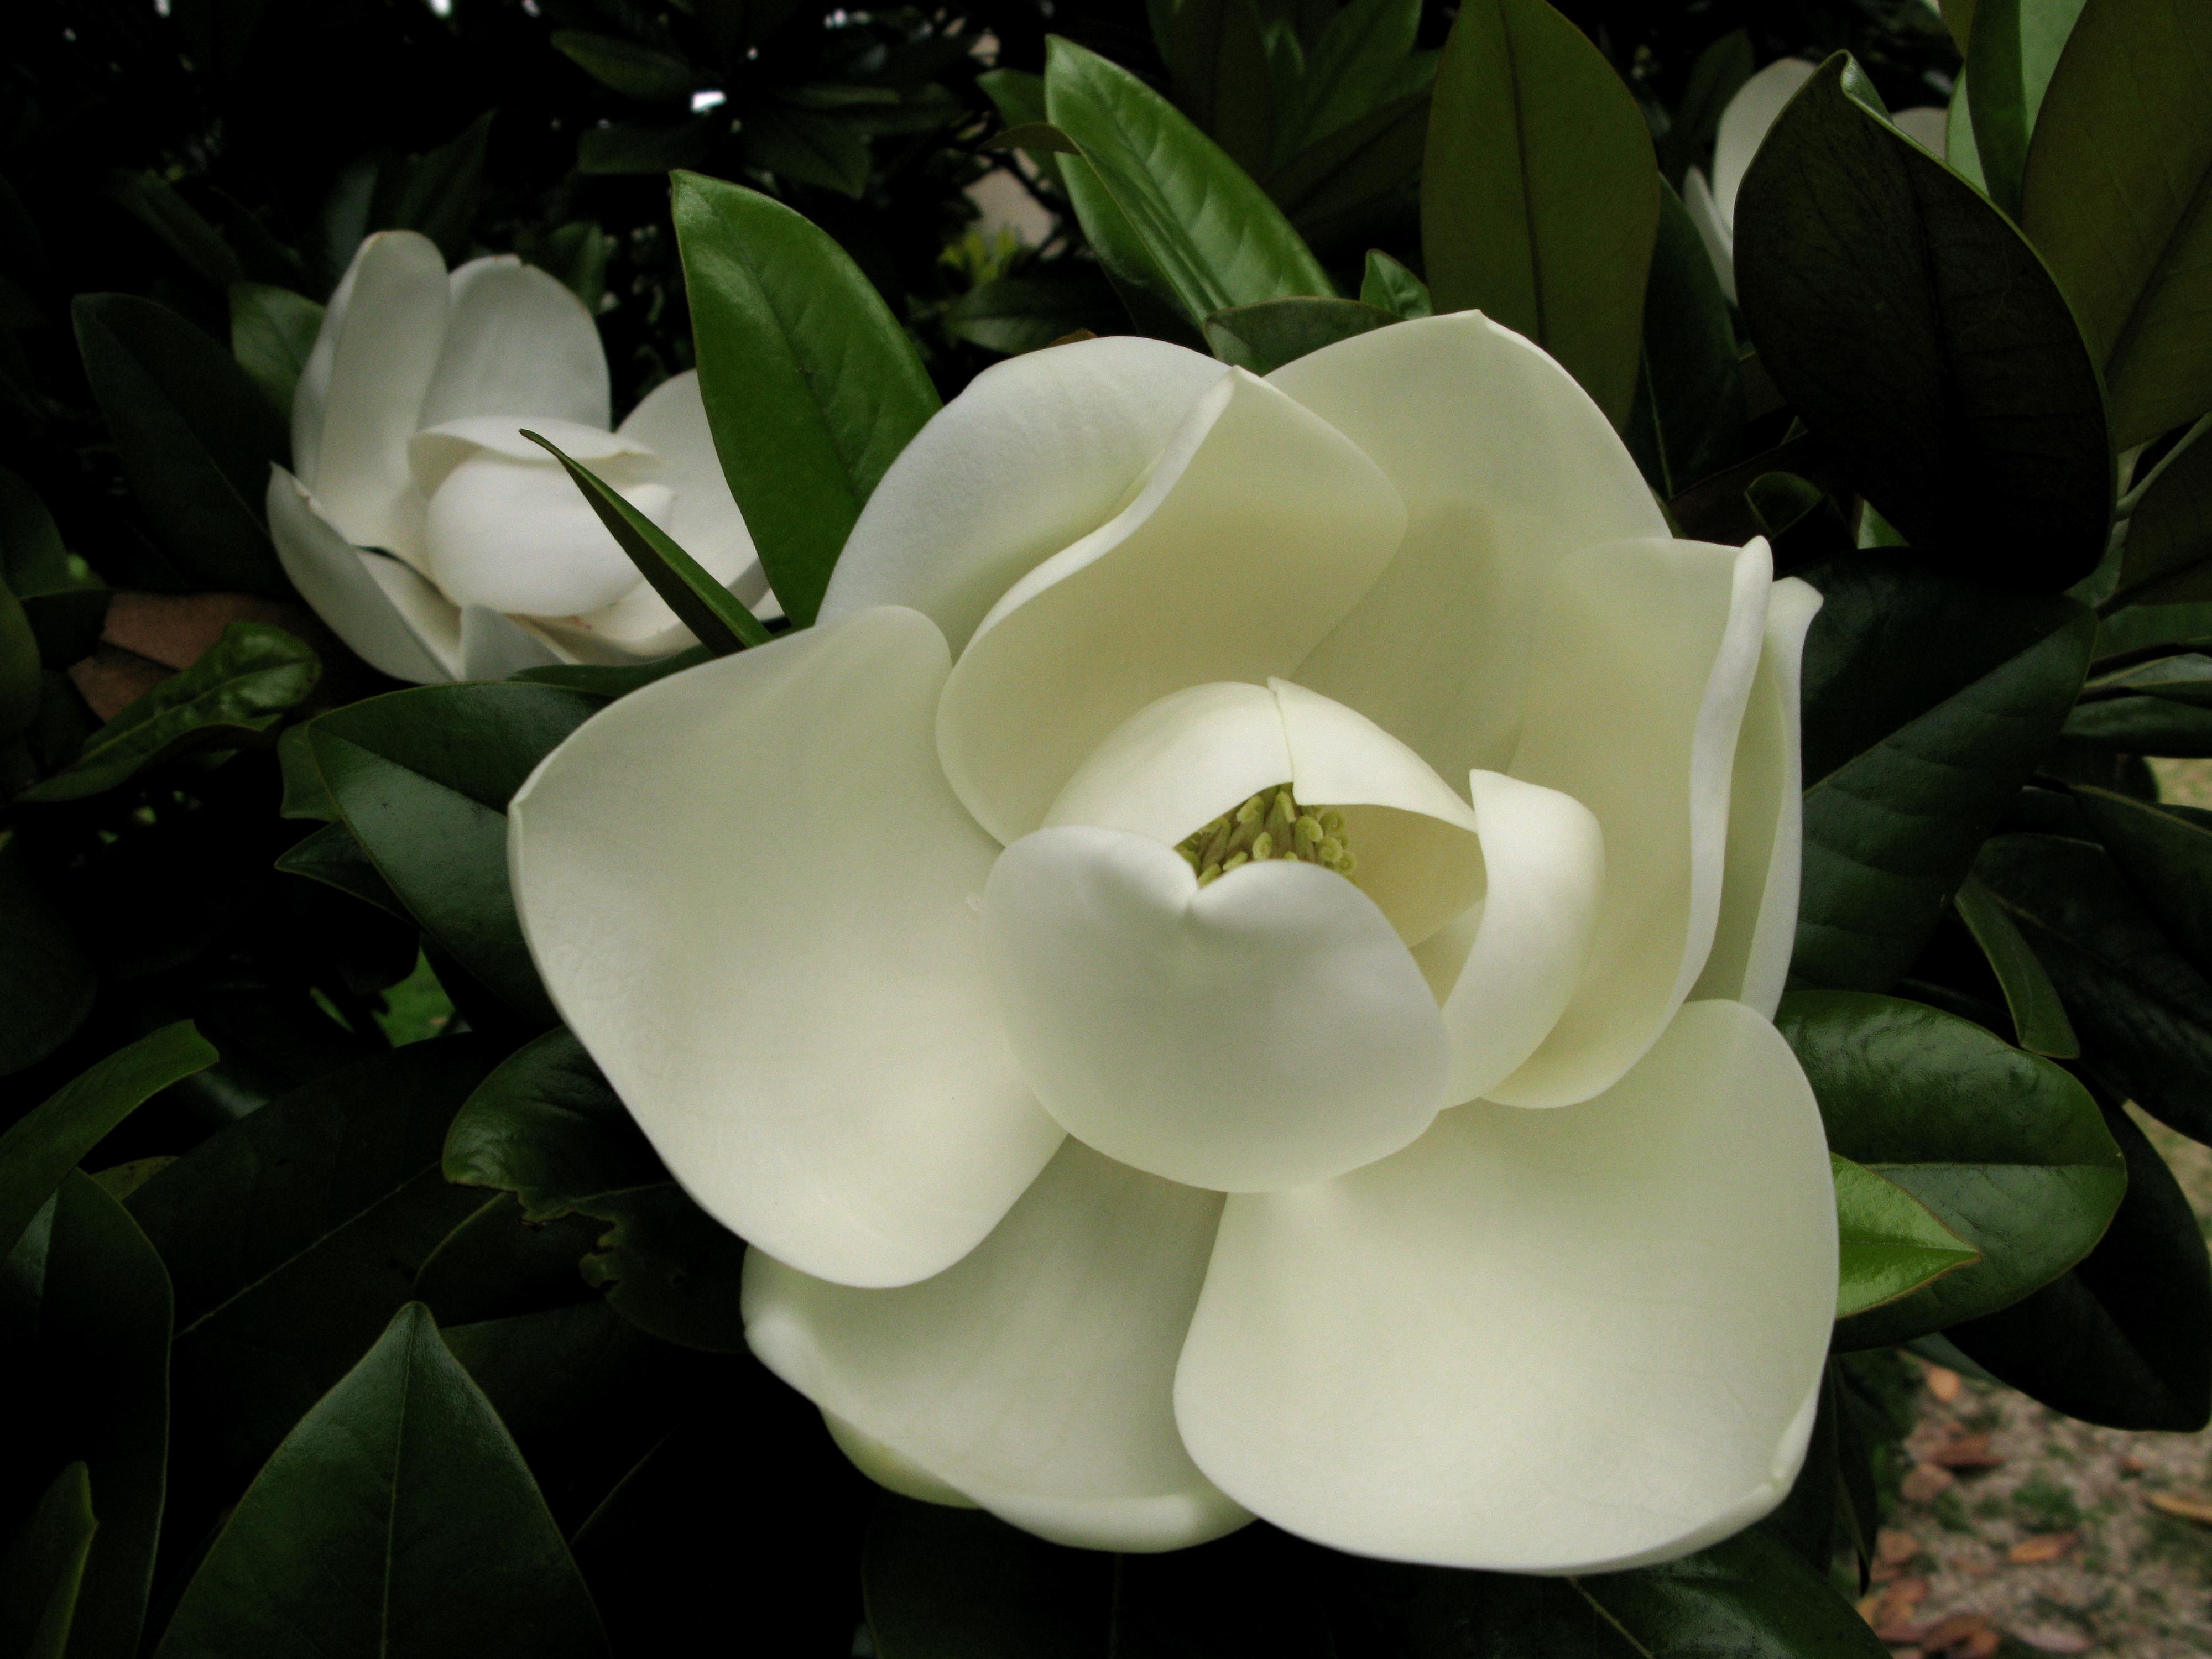 magnoliaflowerpx ×  Радость для глаз, Именины, Natural flower